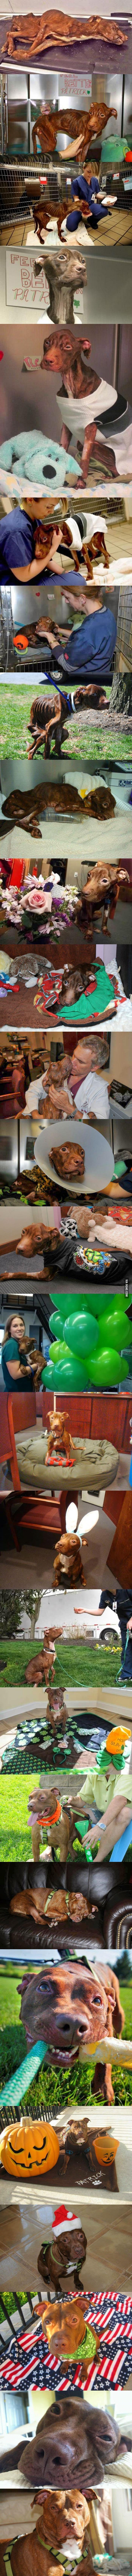 best doggies u puppies images on pinterest puppys